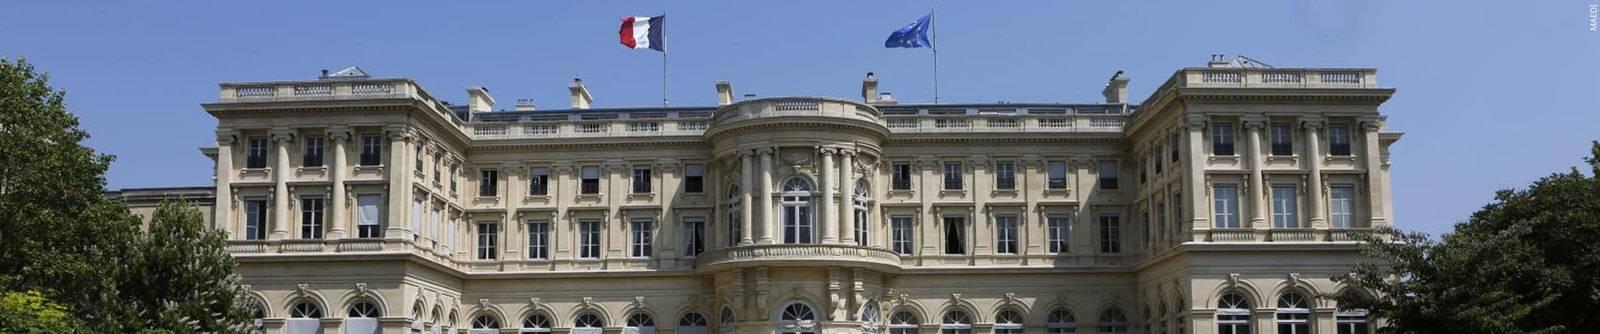 Haut-Karabagh - Déclaration de la Porte-parole du ministère de l'Europe et des affaires étrangères